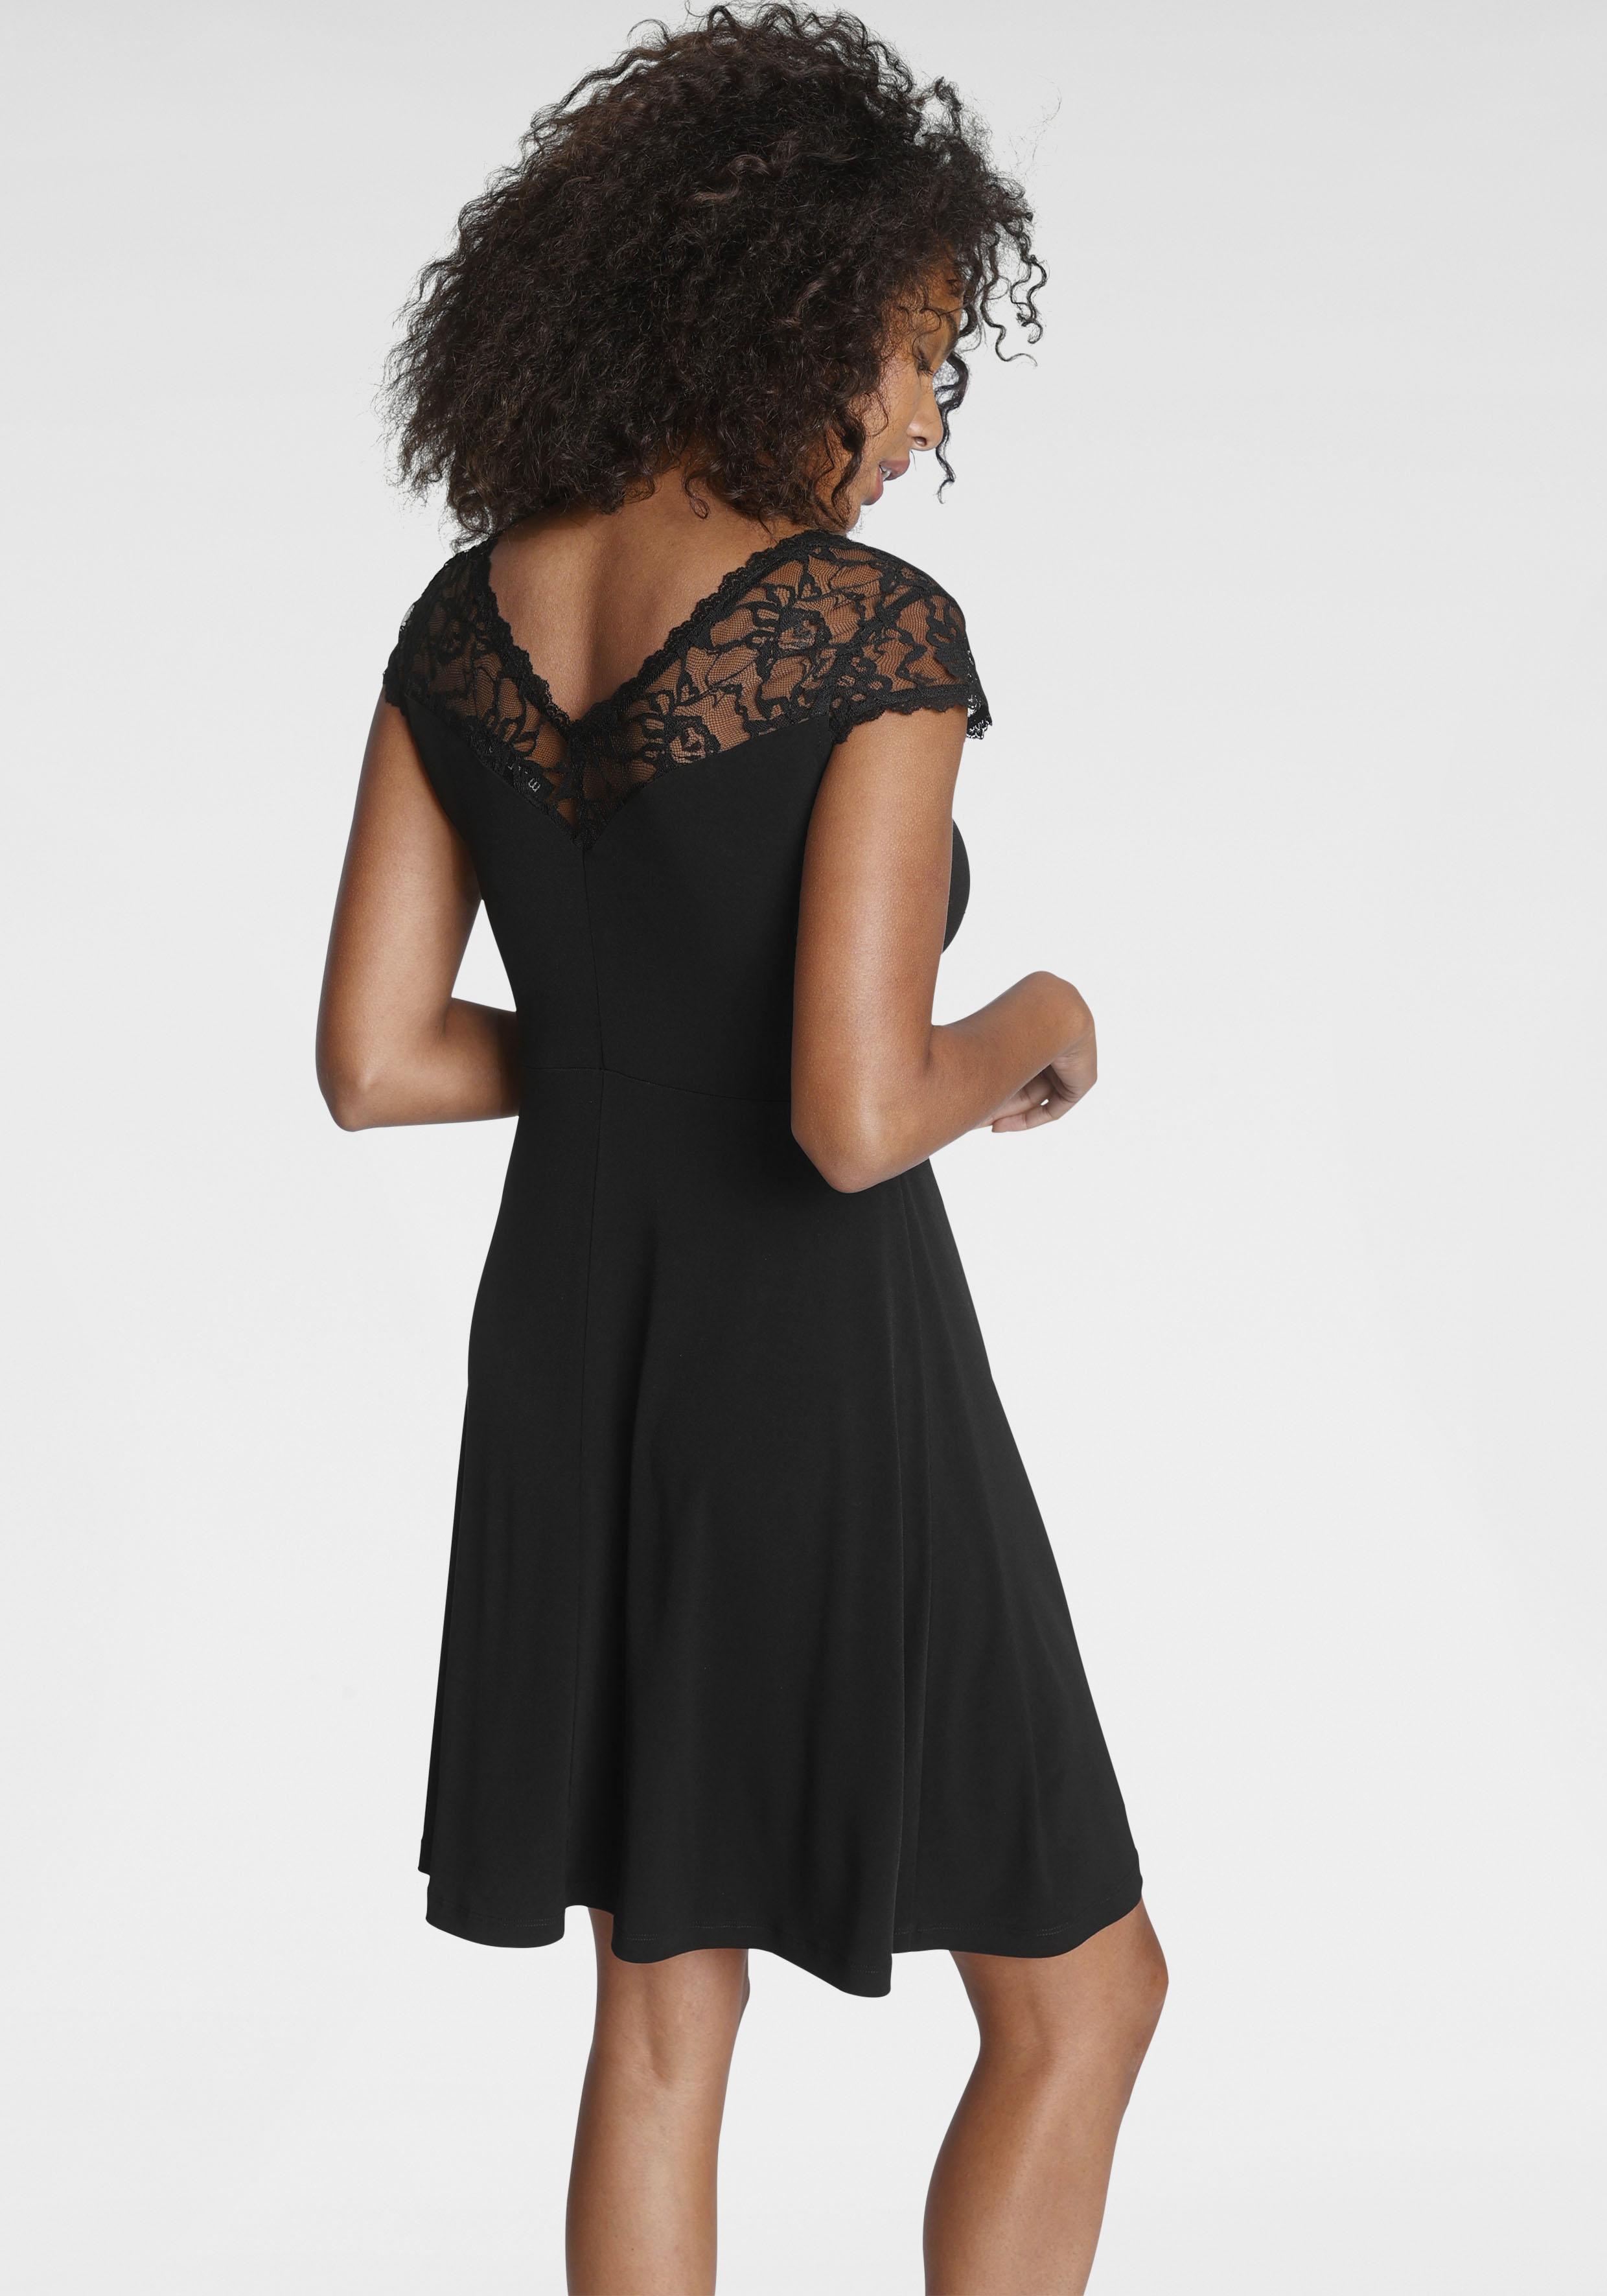 melrose -  Jerseykleid, mit Spitze - NEUE KOLLEKTION